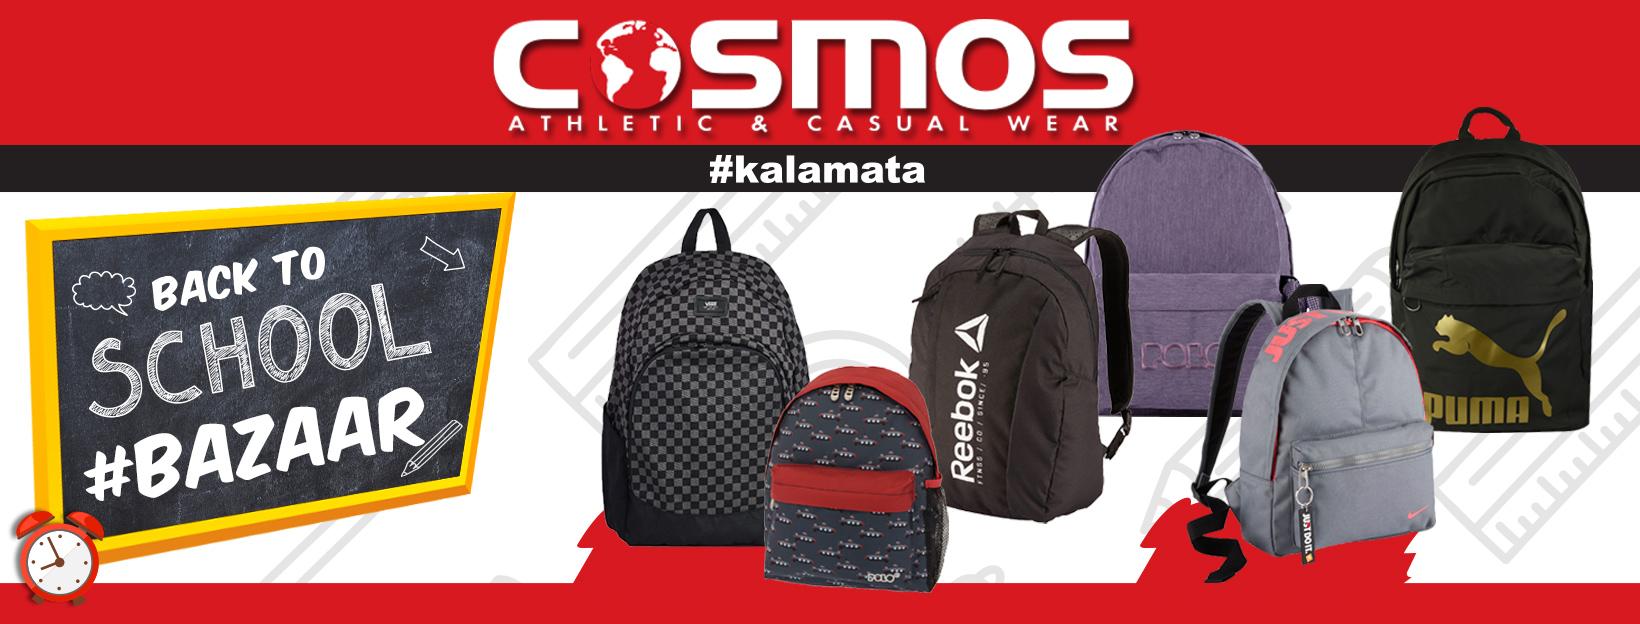 Back to school με τις καλύτερες τιμές στα καταστήματα COSMOS Καλαμάτας